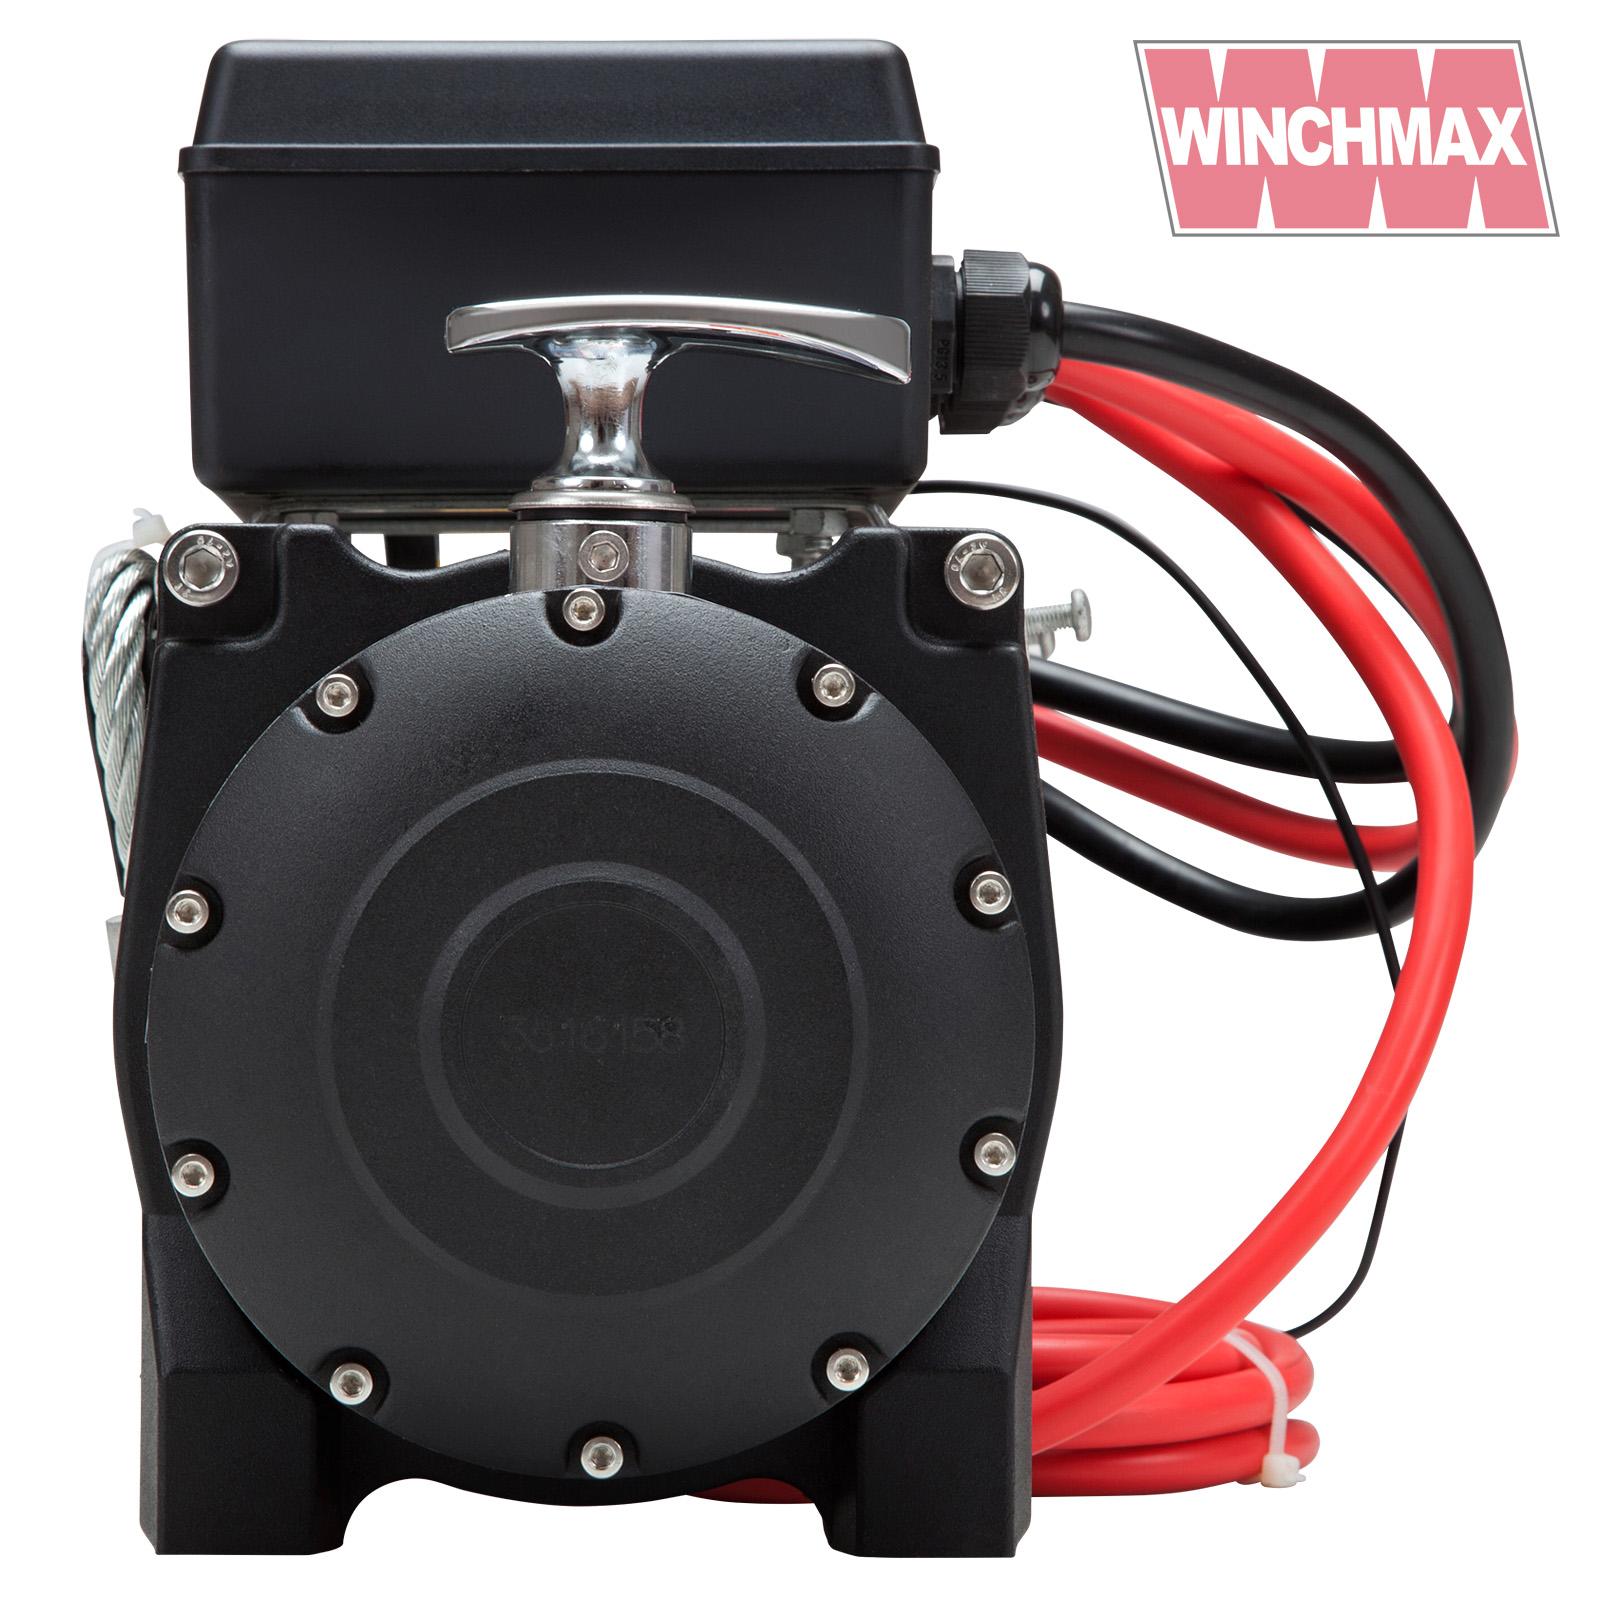 Wm1300012vmil winchmax 193